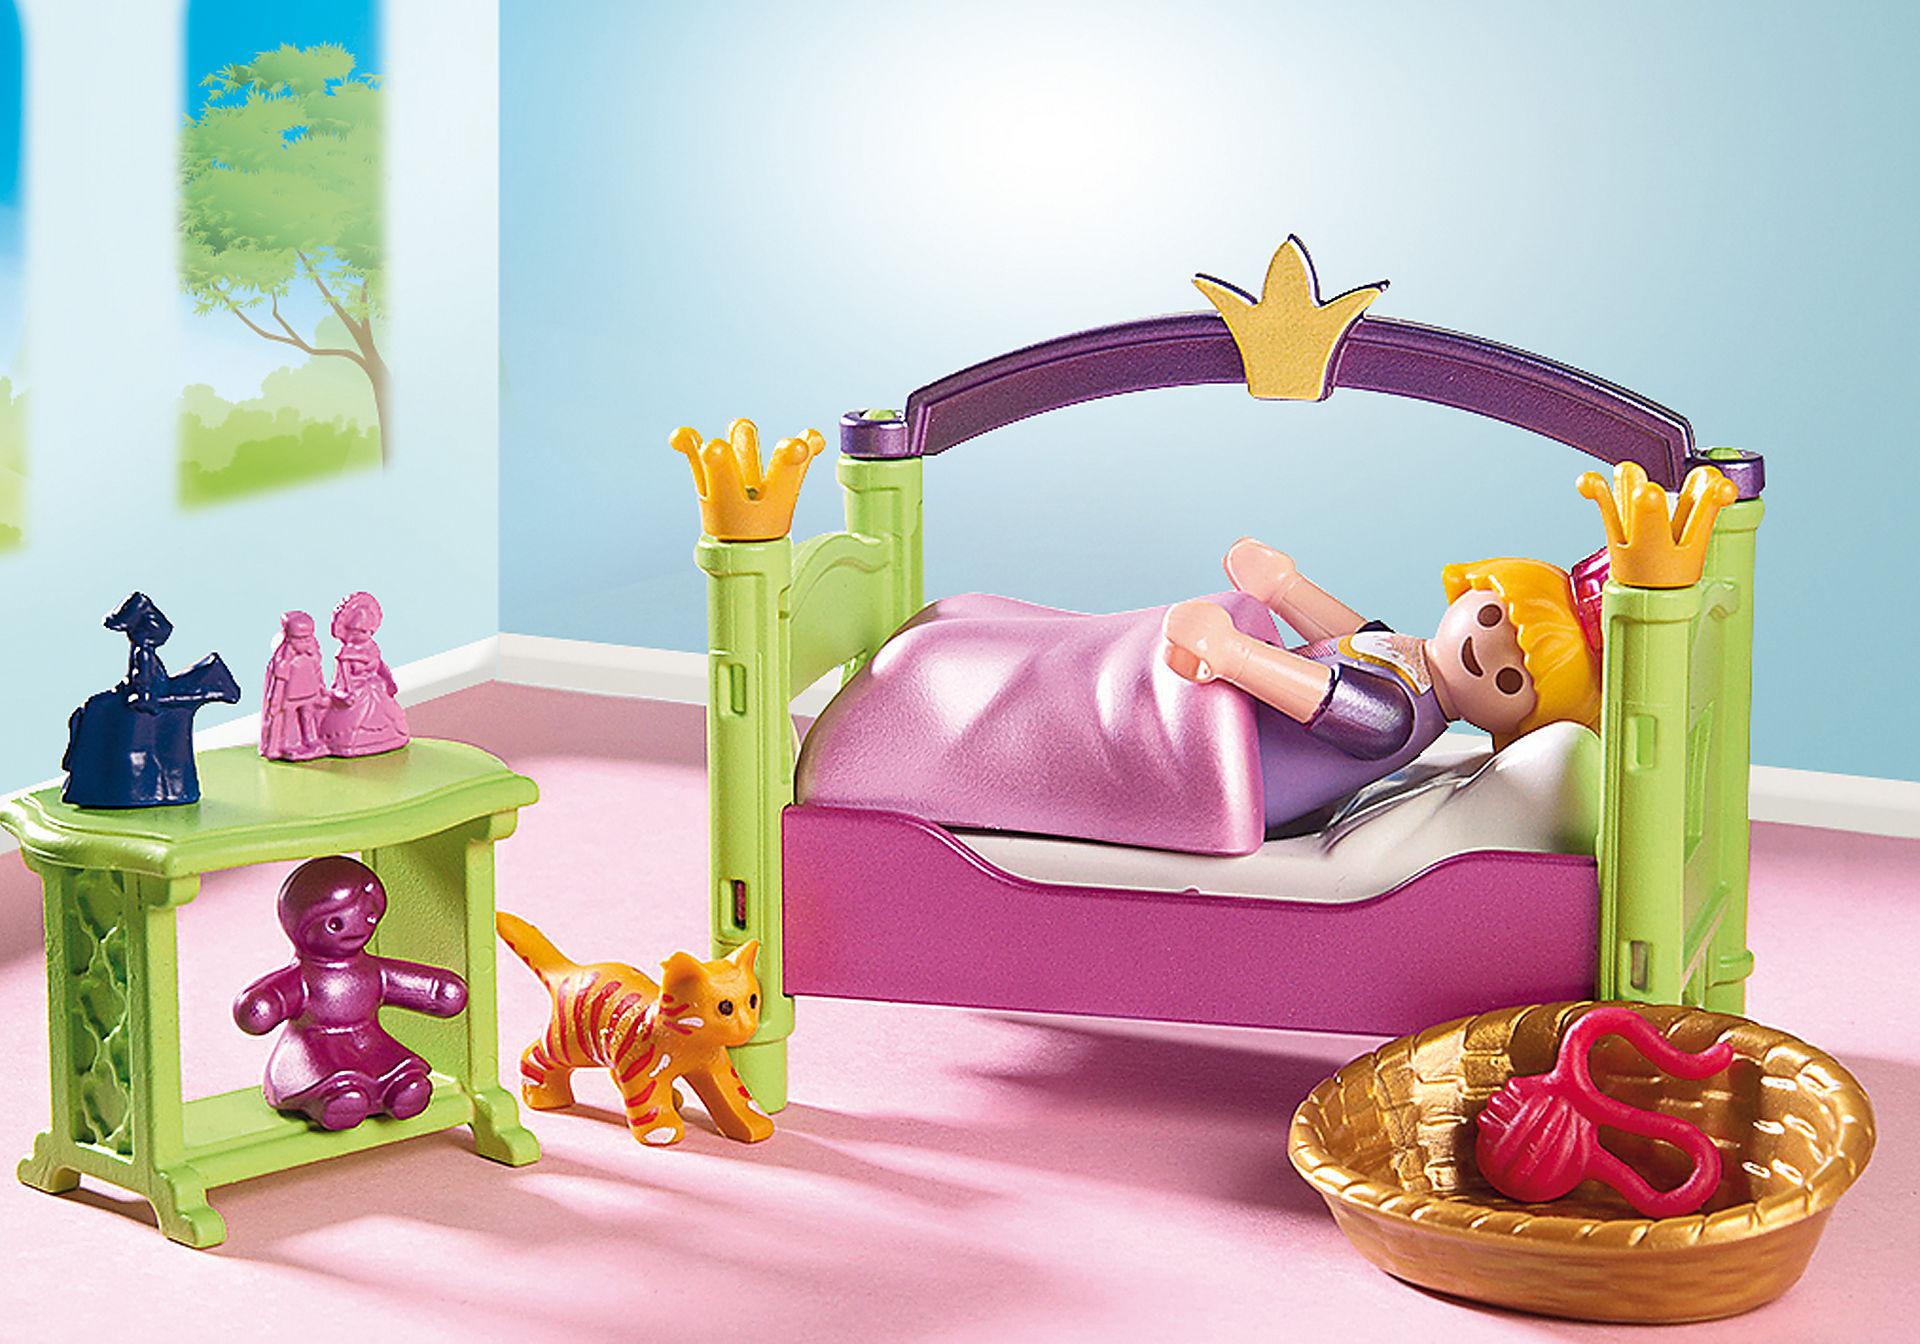 6852 Prinzessinnen-Kinderzimmer zoom image5